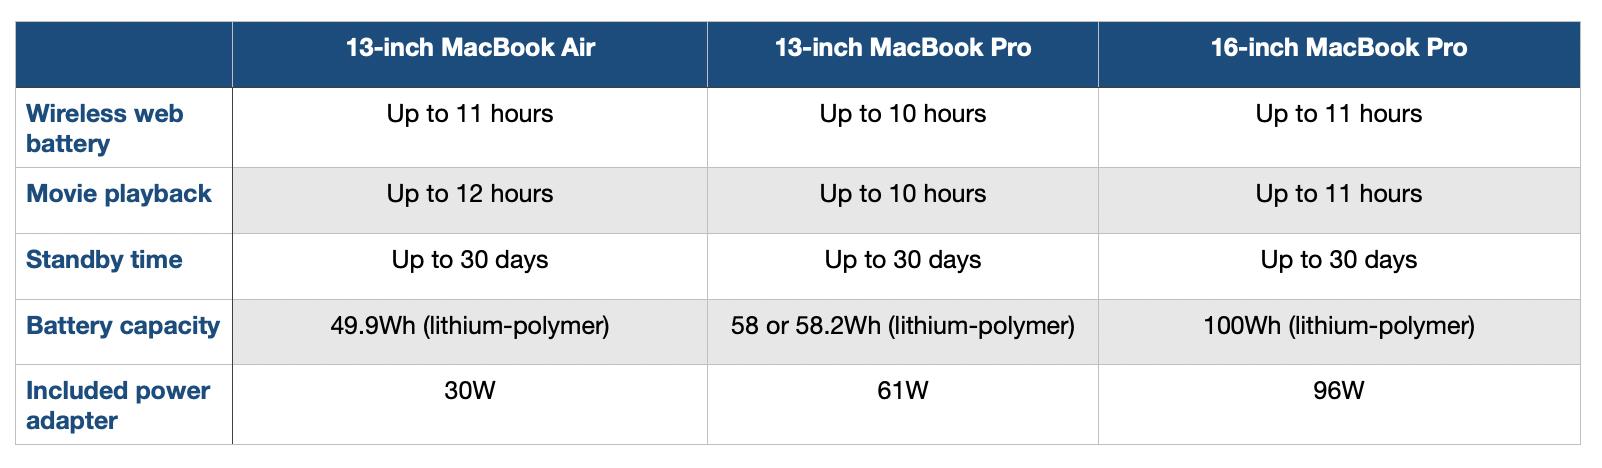 2020 13-inch MacBook Pro vs MacBook Air comparison - 9to5Mac